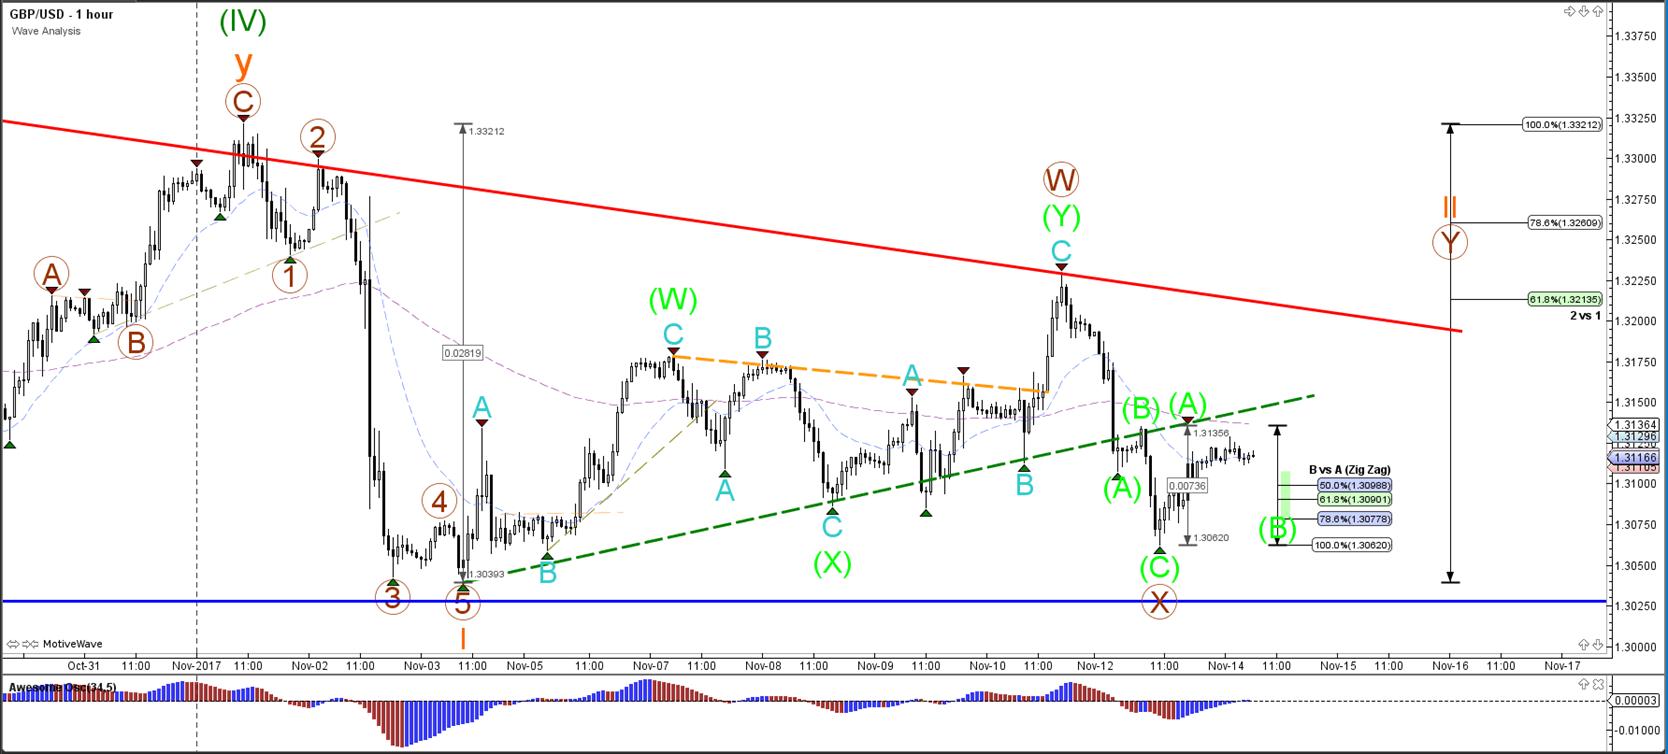 GBP/USD Bearish Breakout Faces Bullish ABC Zigzag